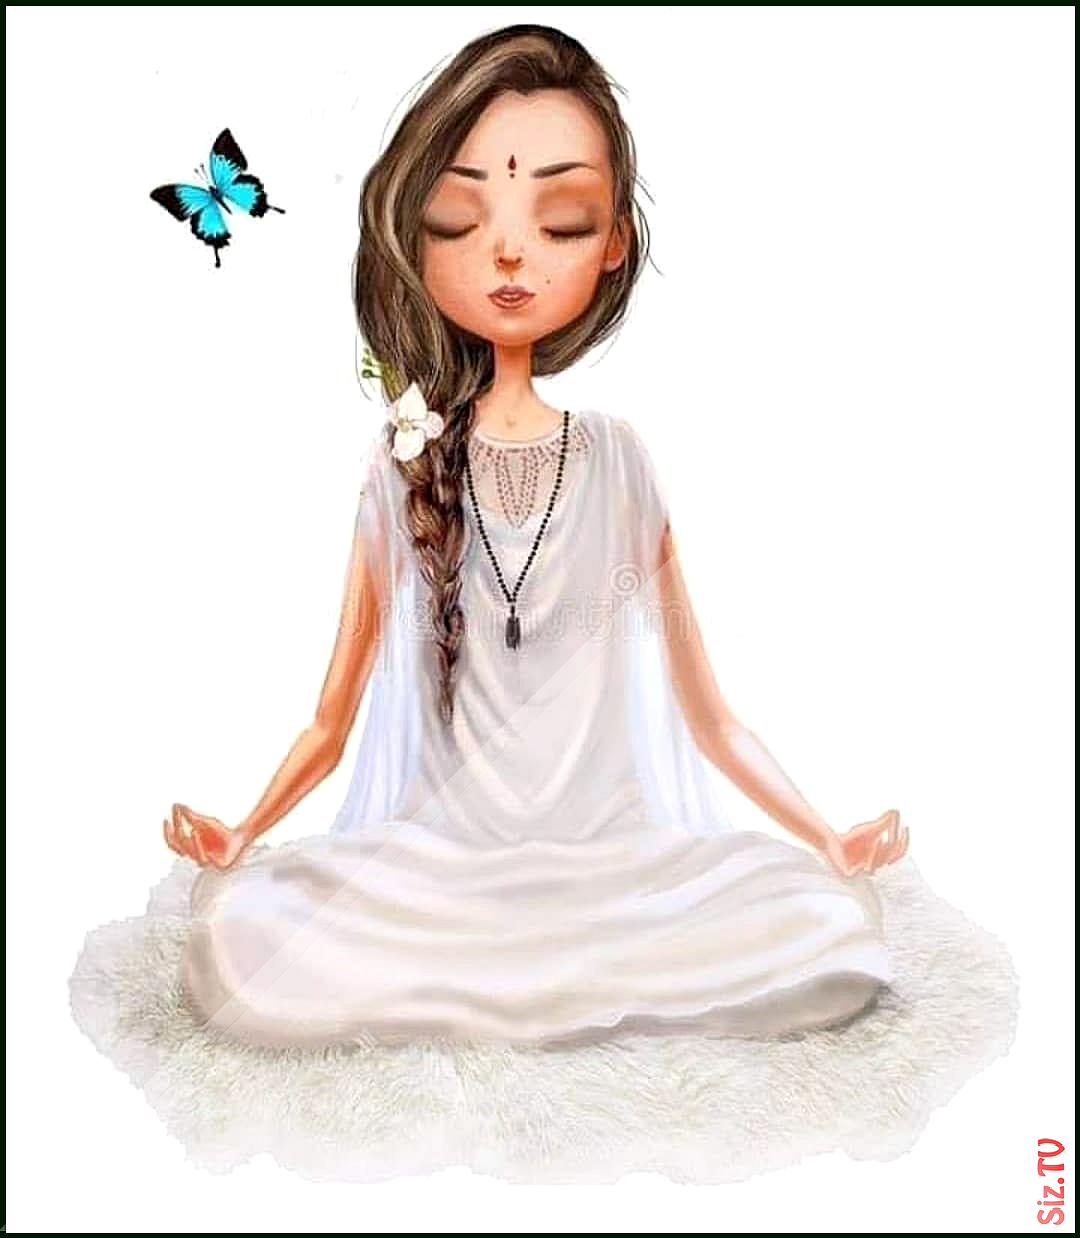 El Despertar De La Consciencia On Instagram Para Cargarte De Nueva Energia Debes Aceptar Debes Soltar Debes Tr Mode Poster Illustration Kinder Yoga Fur Kinder